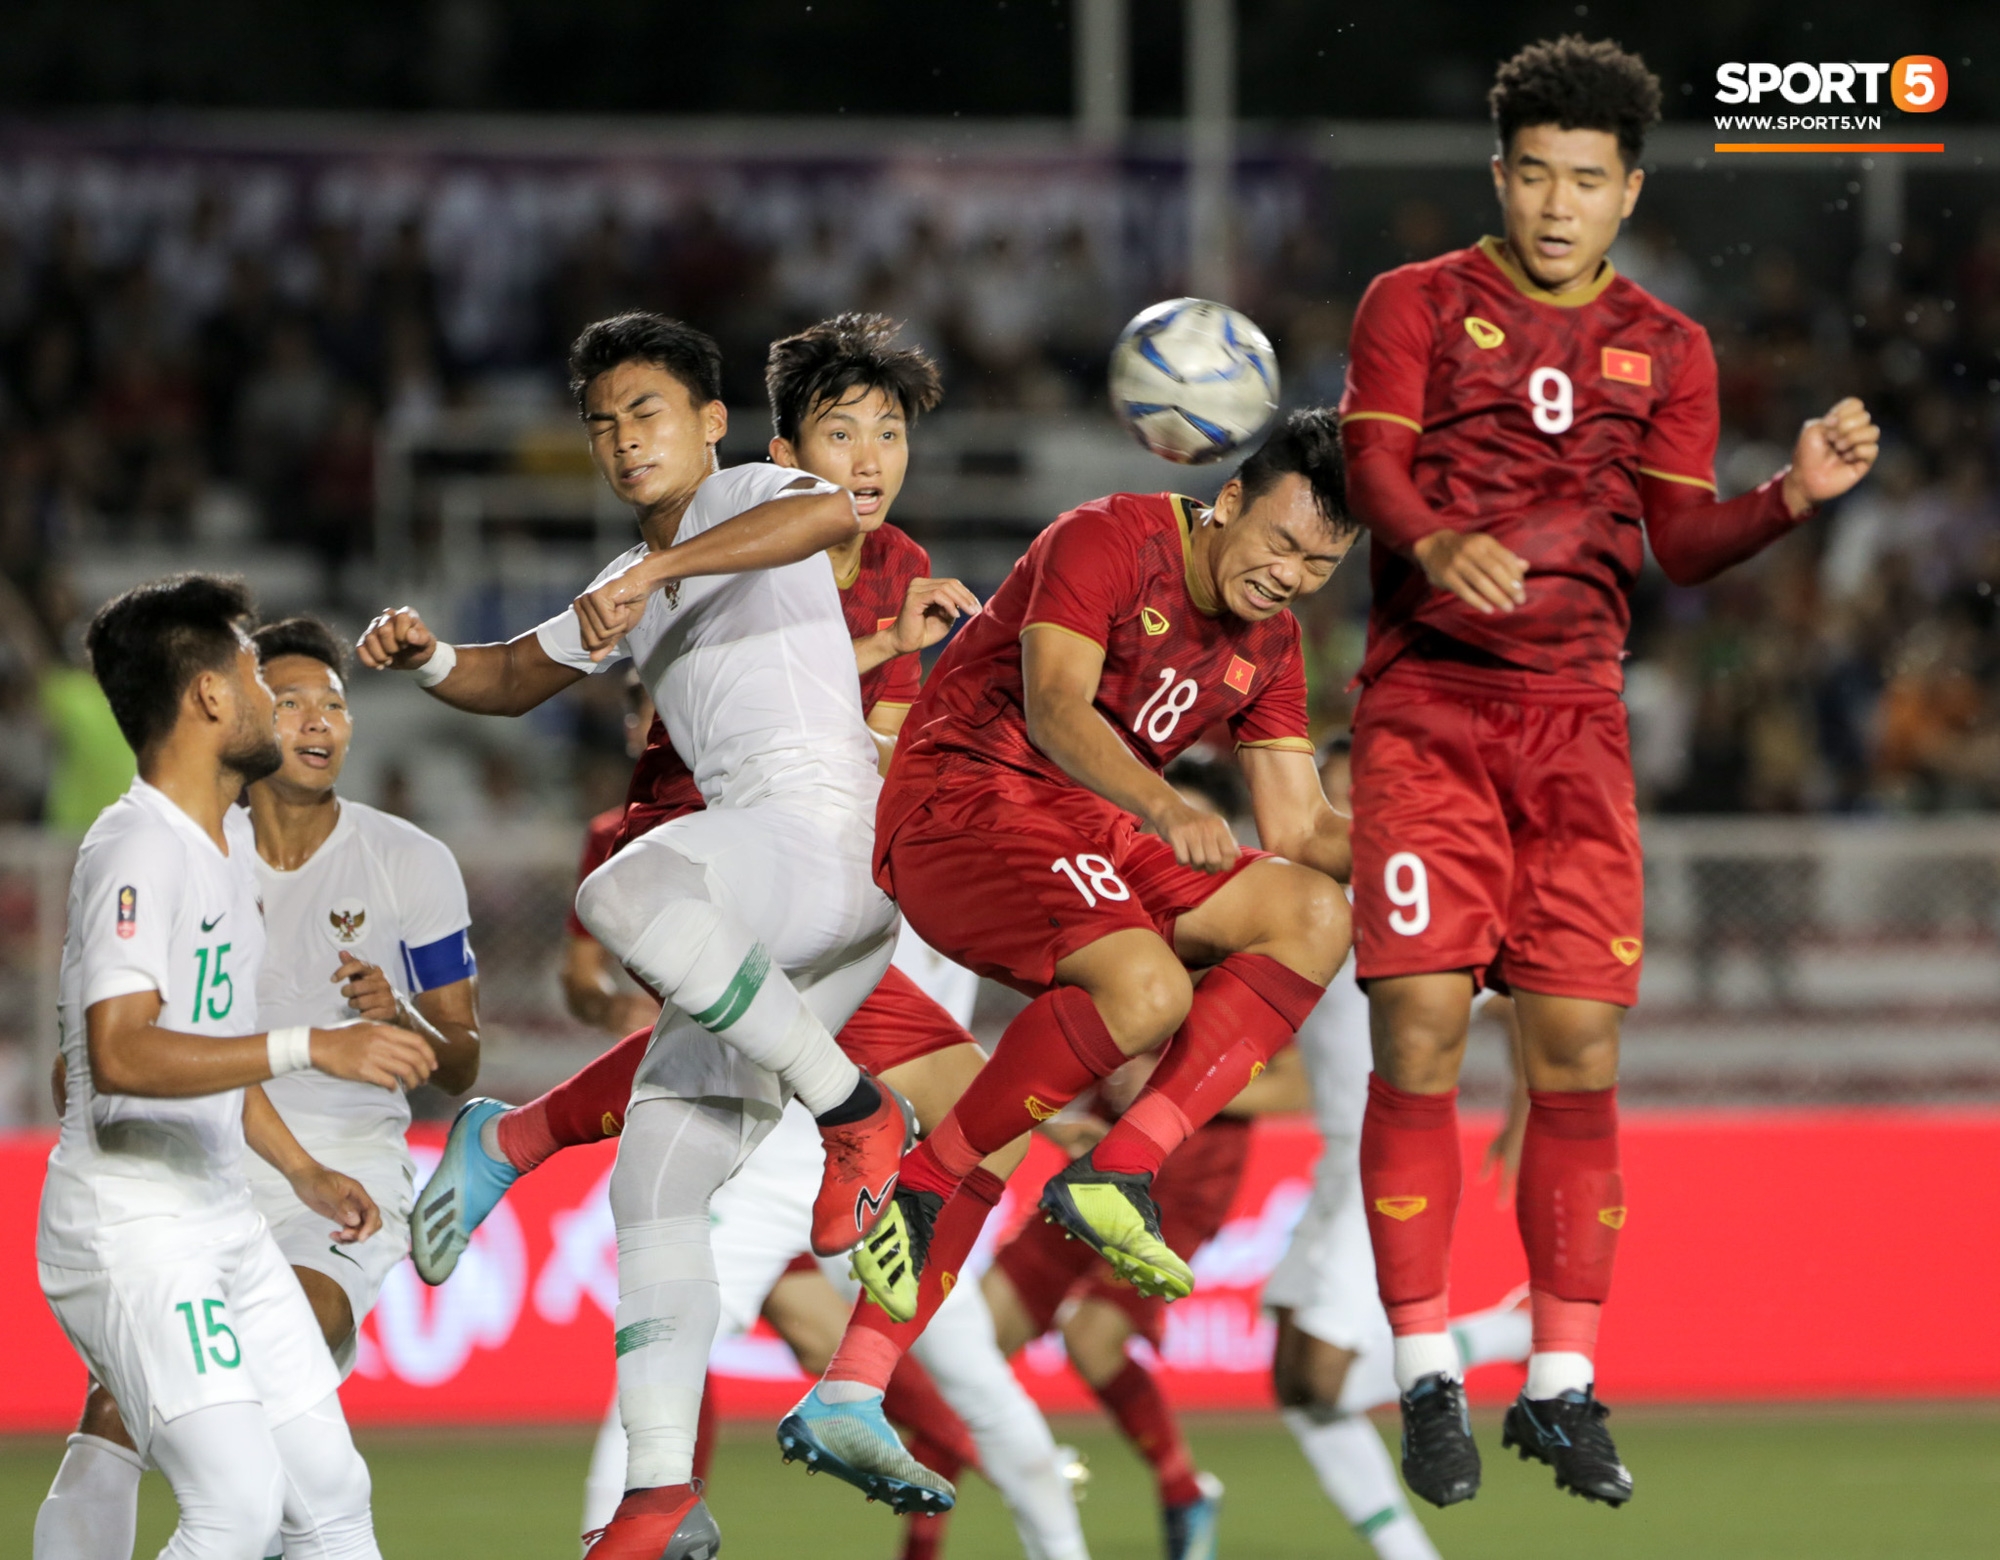 Hình ảnh vừa buồn cười, vừa thương khi bác sĩ của U22 Việt Nam hối hả tiếp nước cho cầu thủ ở trận thắng Indonesia - Ảnh 1.